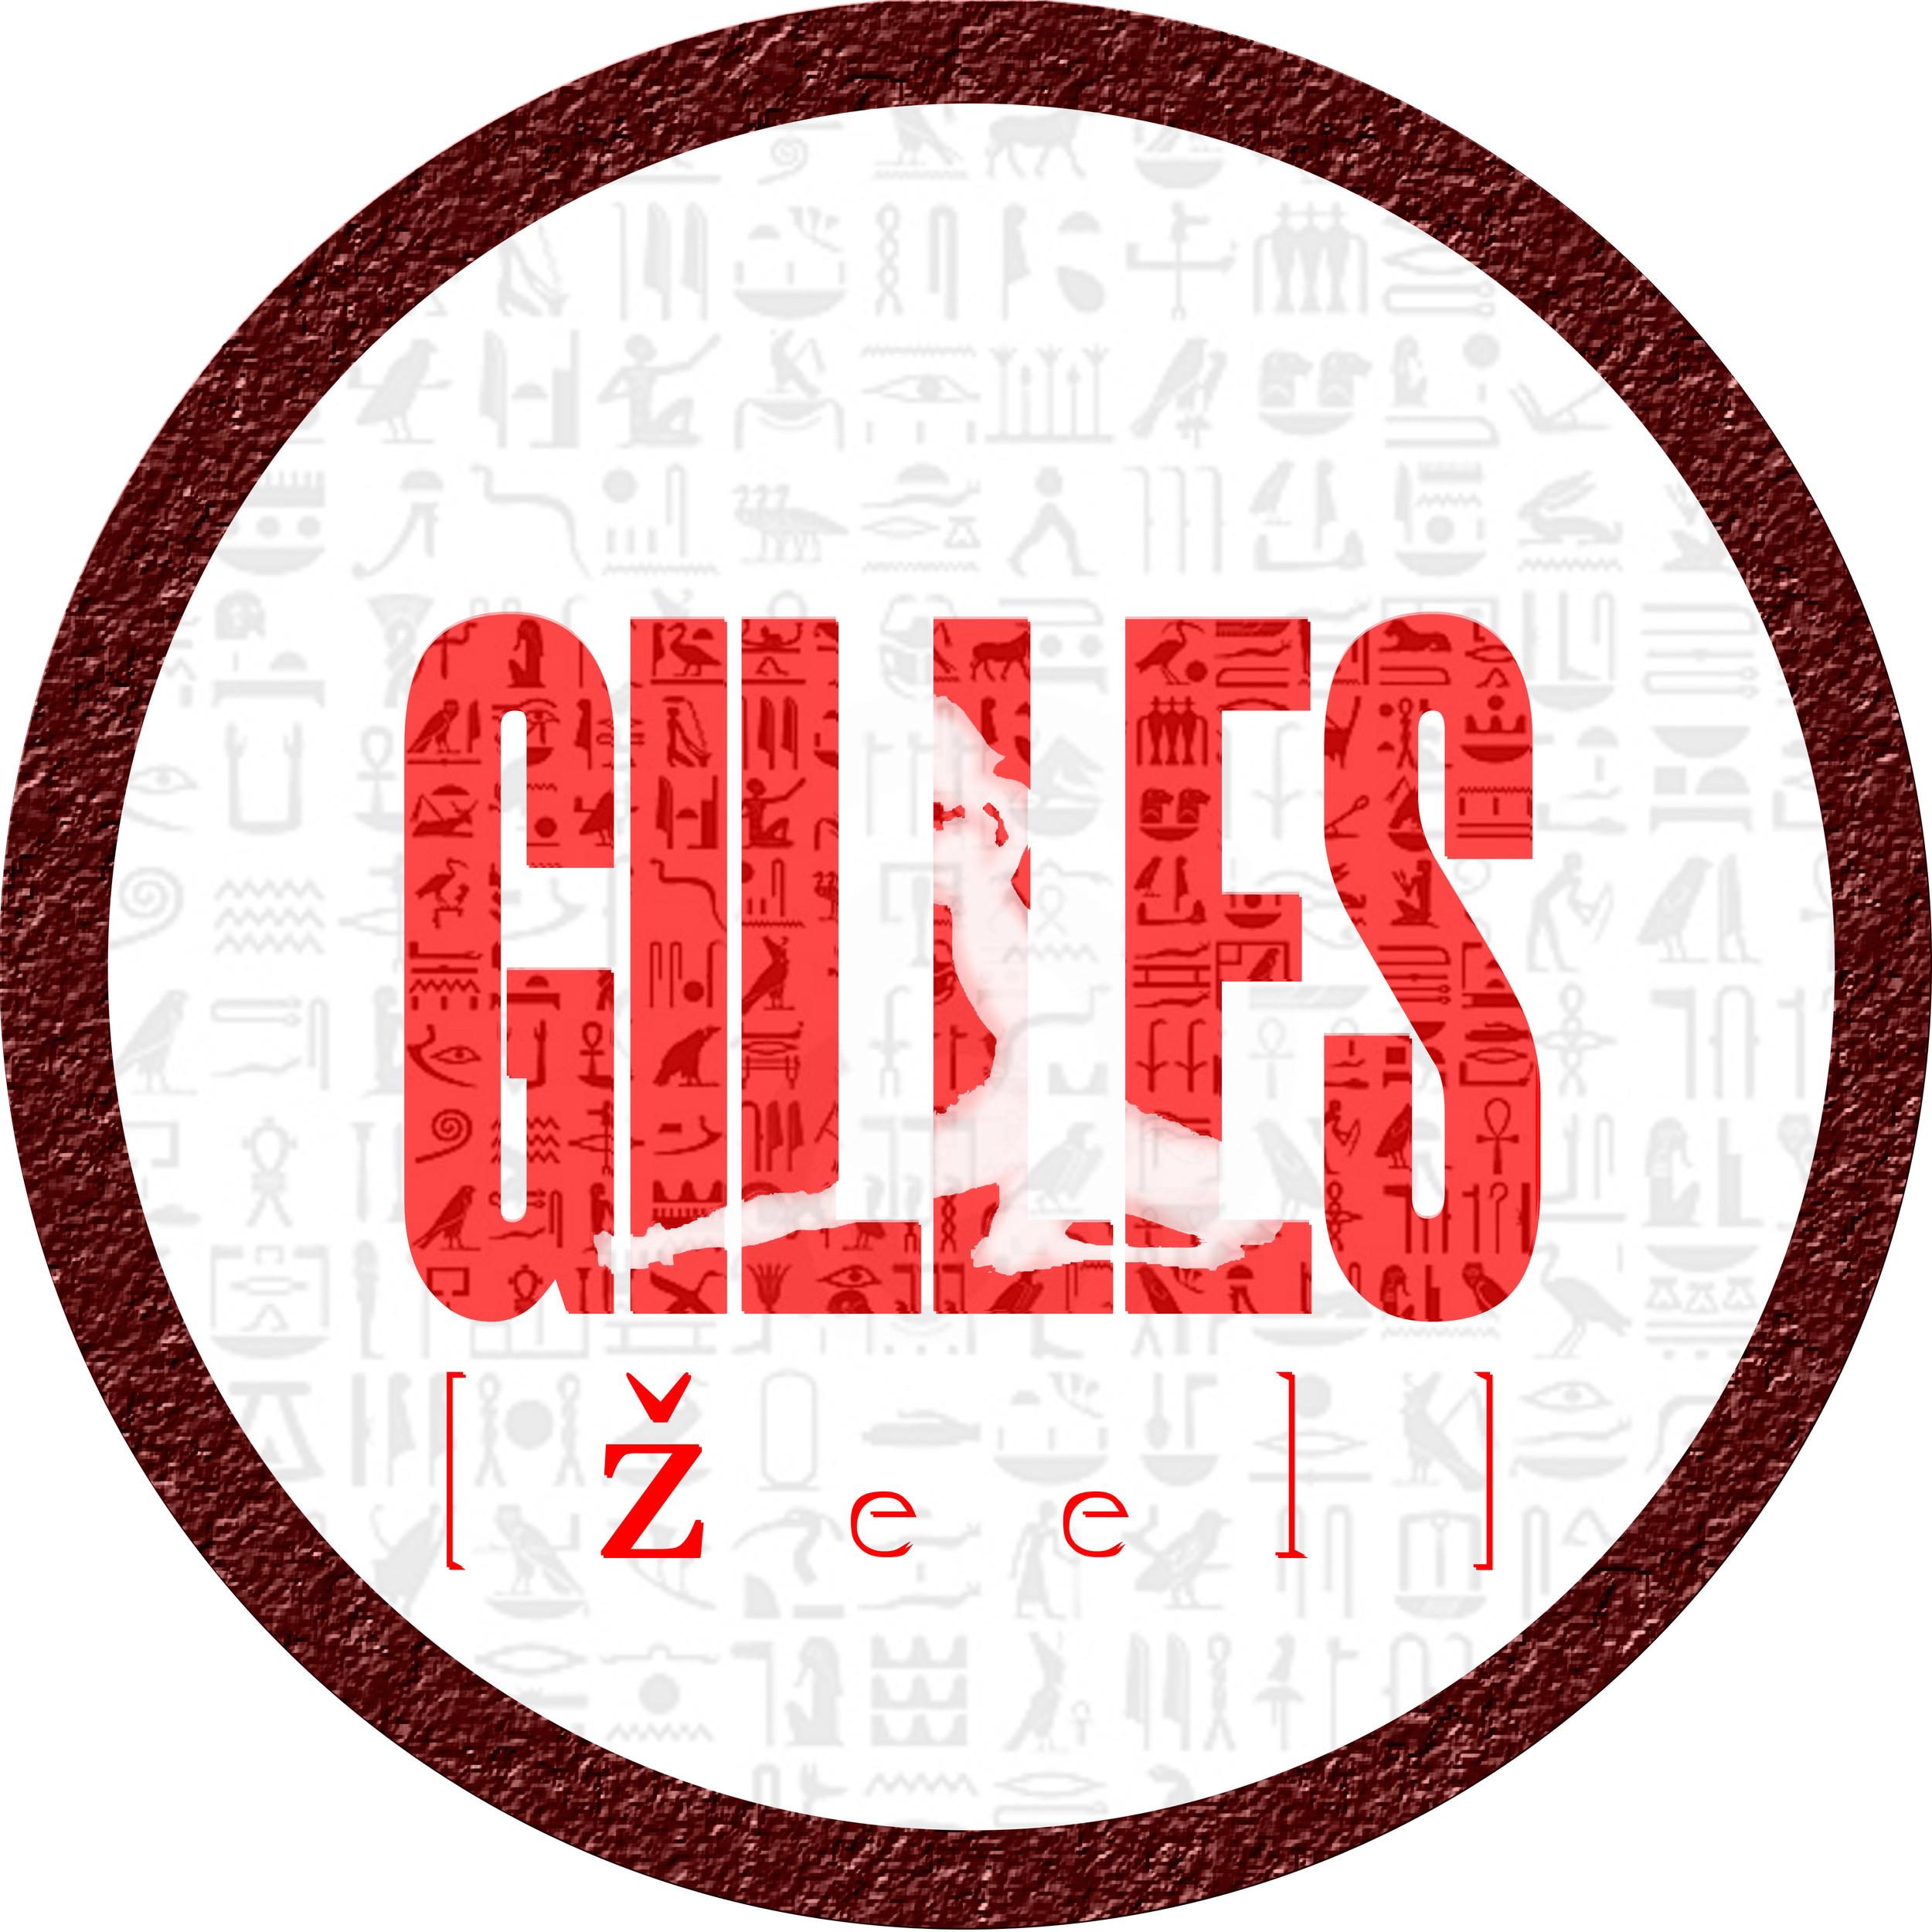 Gilles Designs Official Logo [Circle]